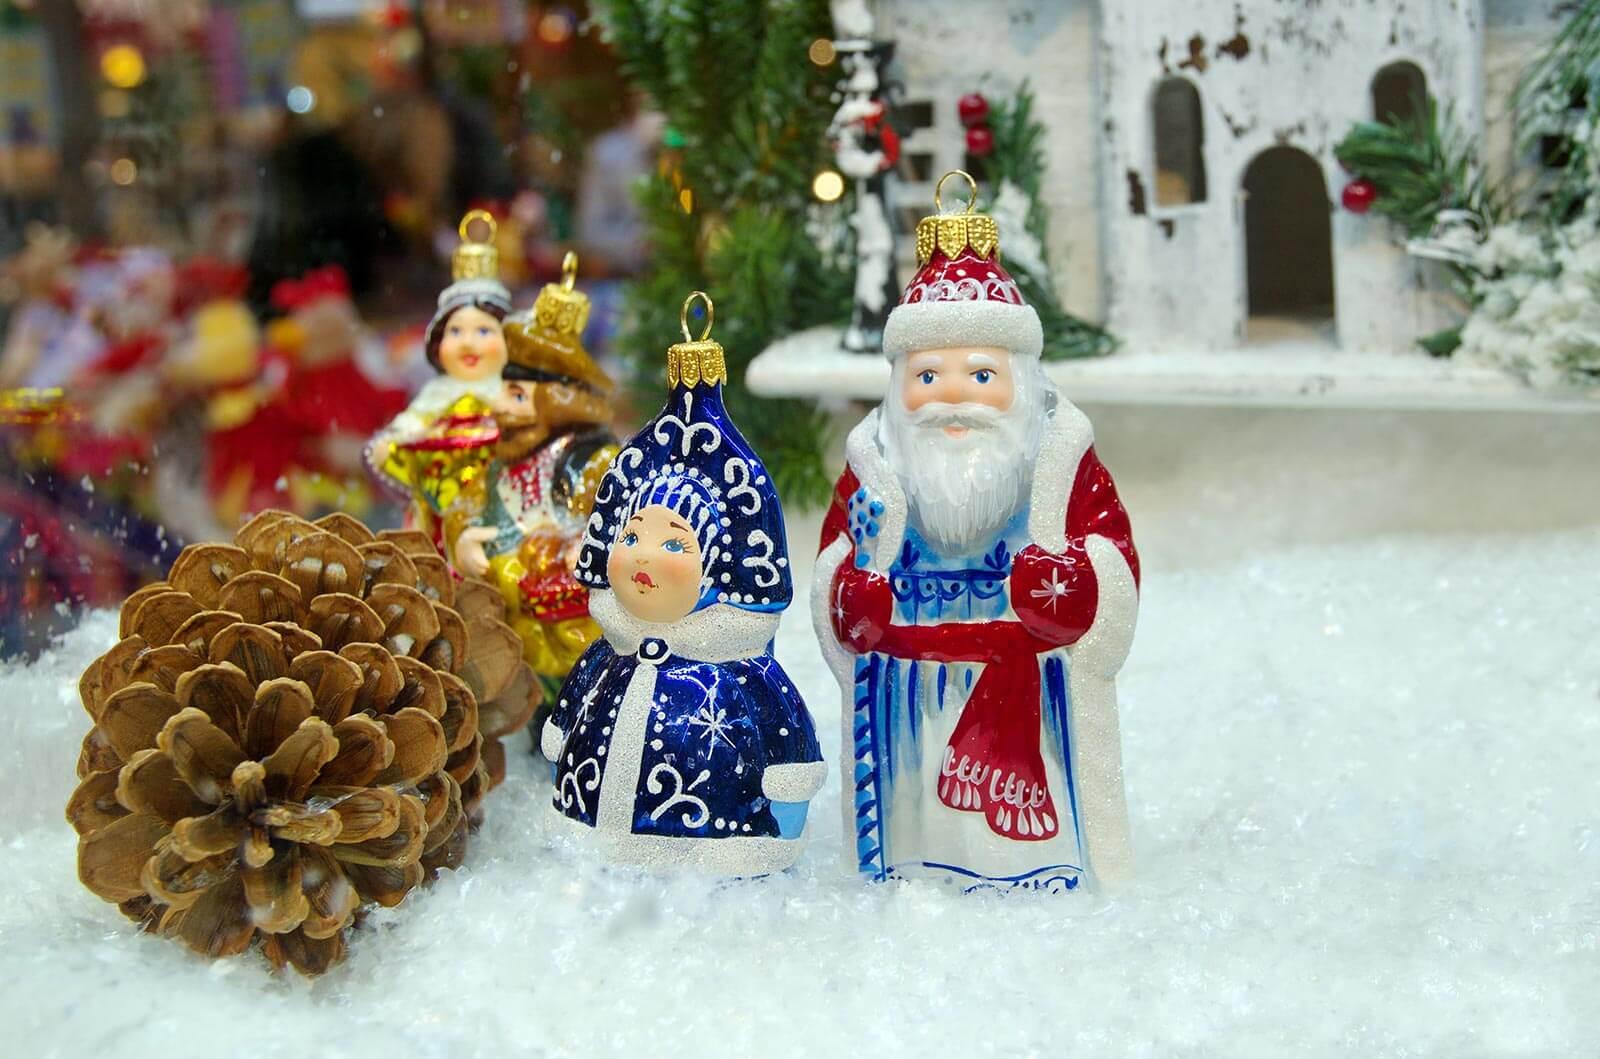 weihnachtsbr uche so feiert man weihnachten in anderen. Black Bedroom Furniture Sets. Home Design Ideas